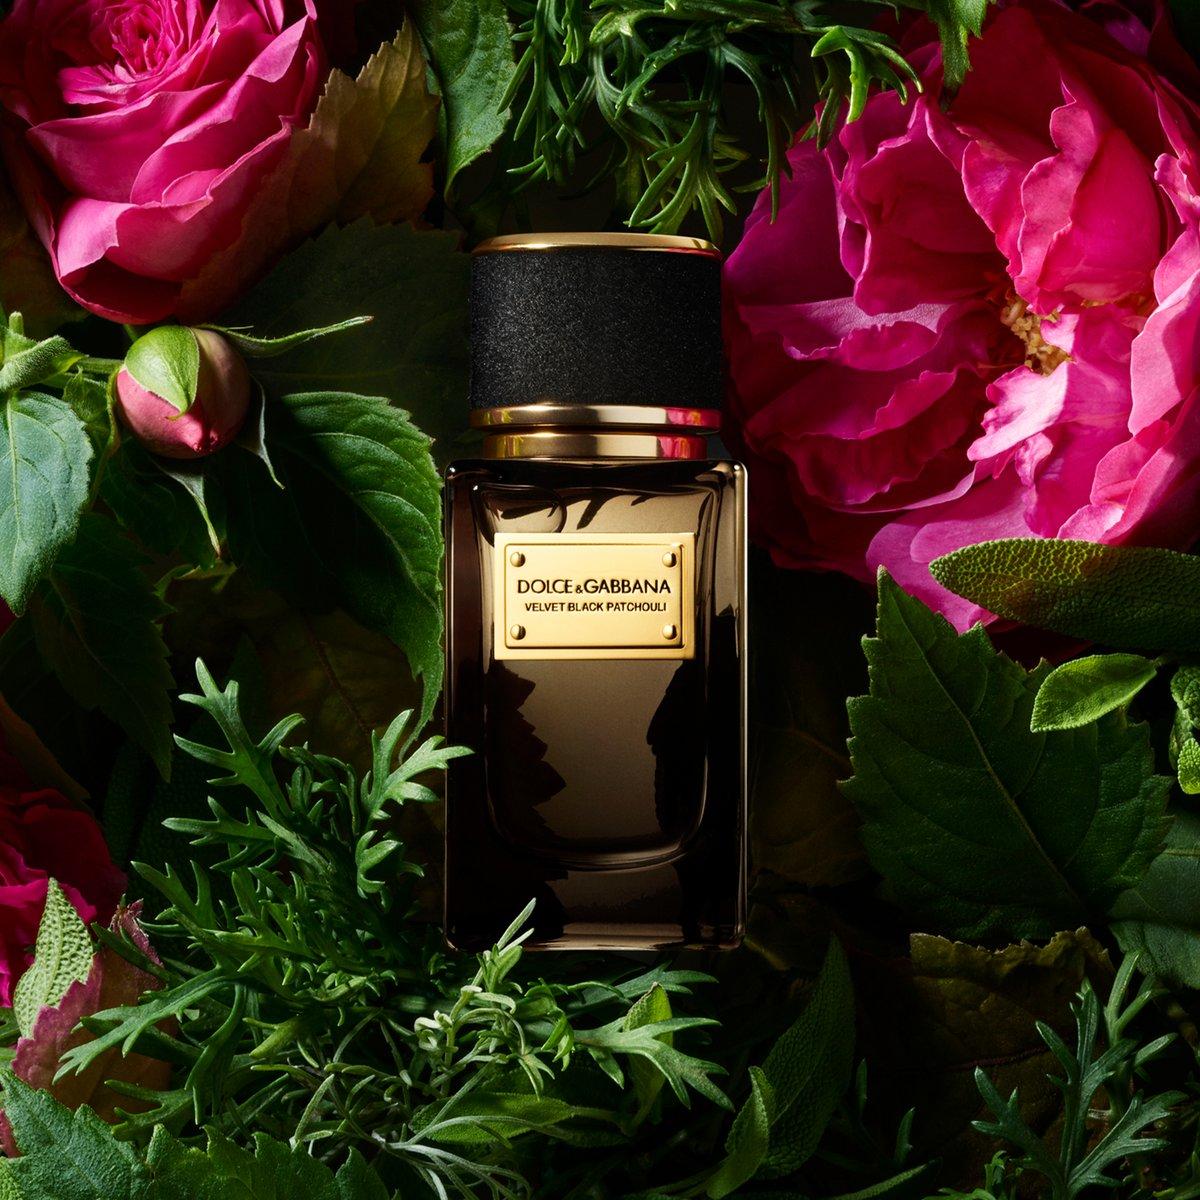 Dolce & Gabbana zgjeron koleksionin e parfumeve Velvet